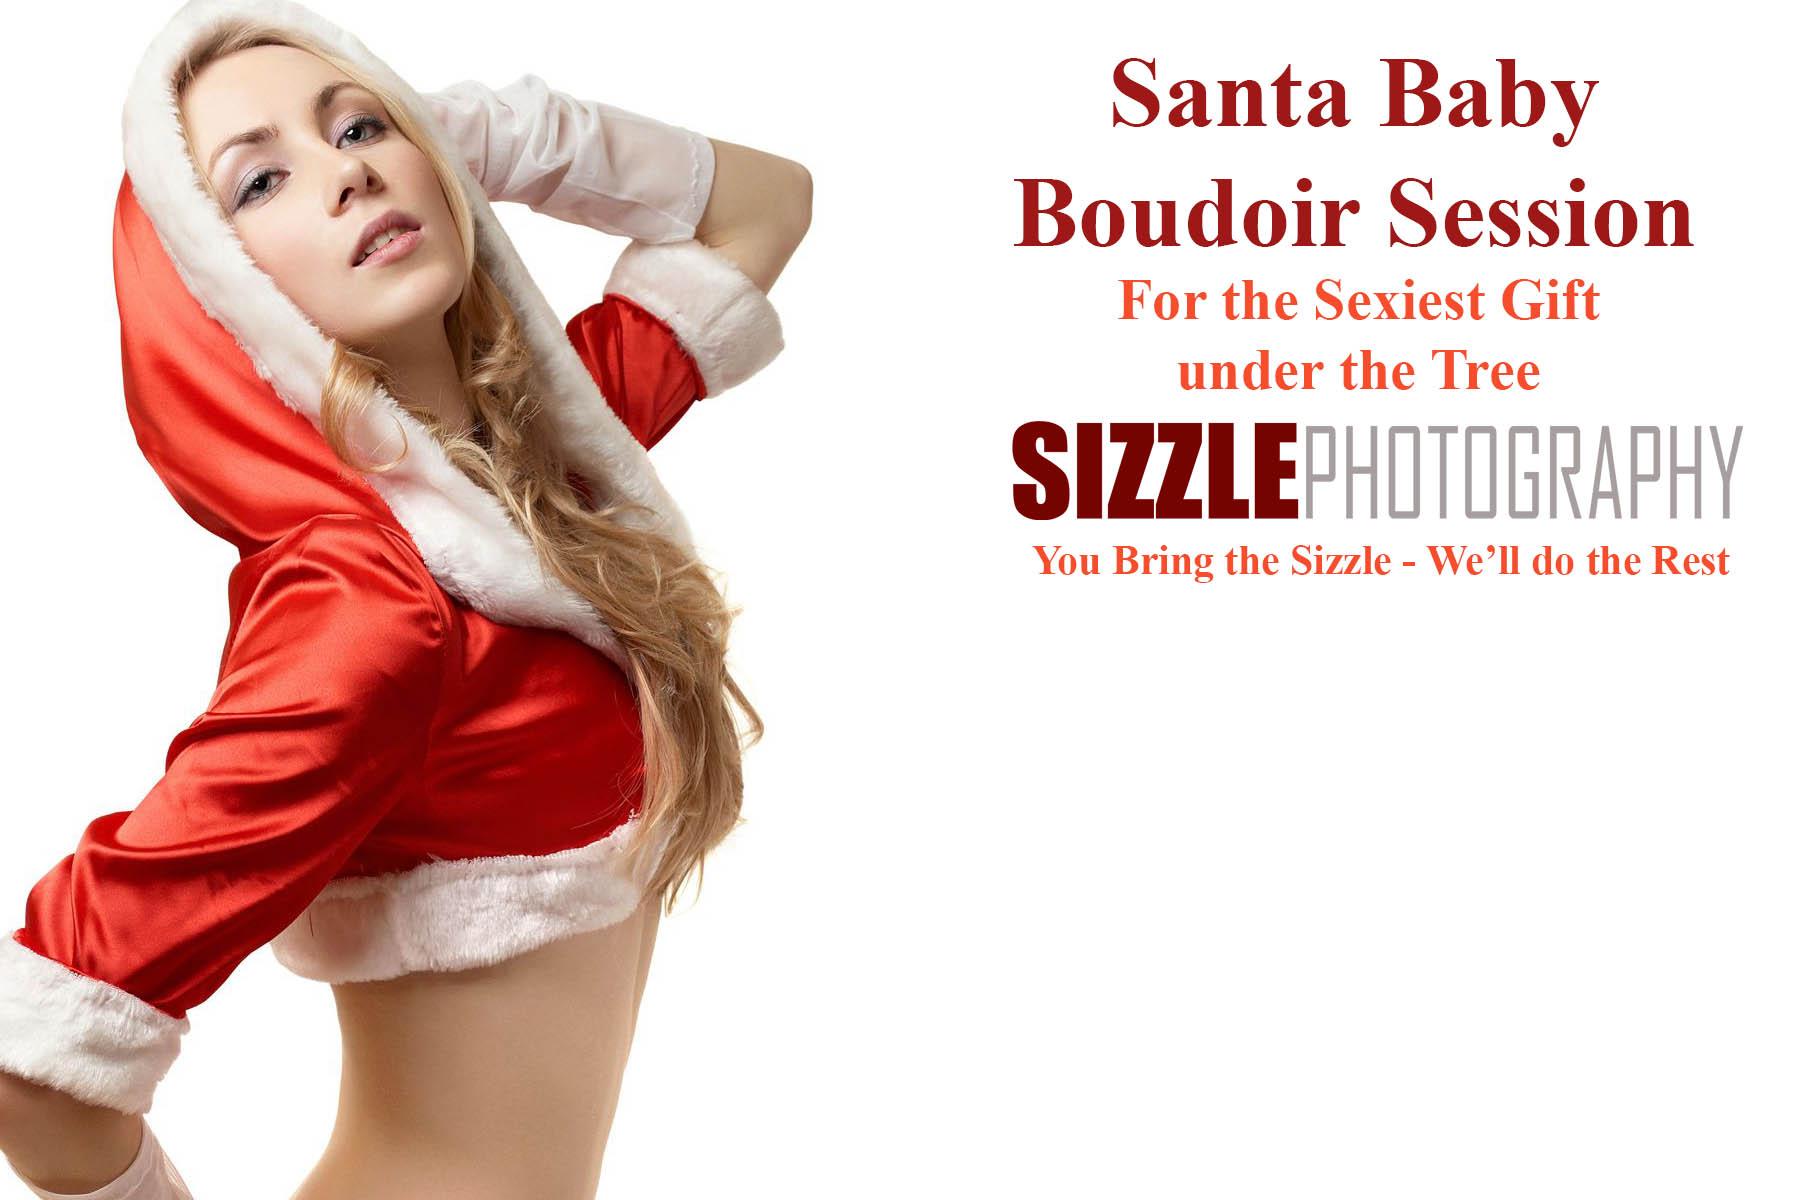 santa-baby-boudoir-photography-sale-2